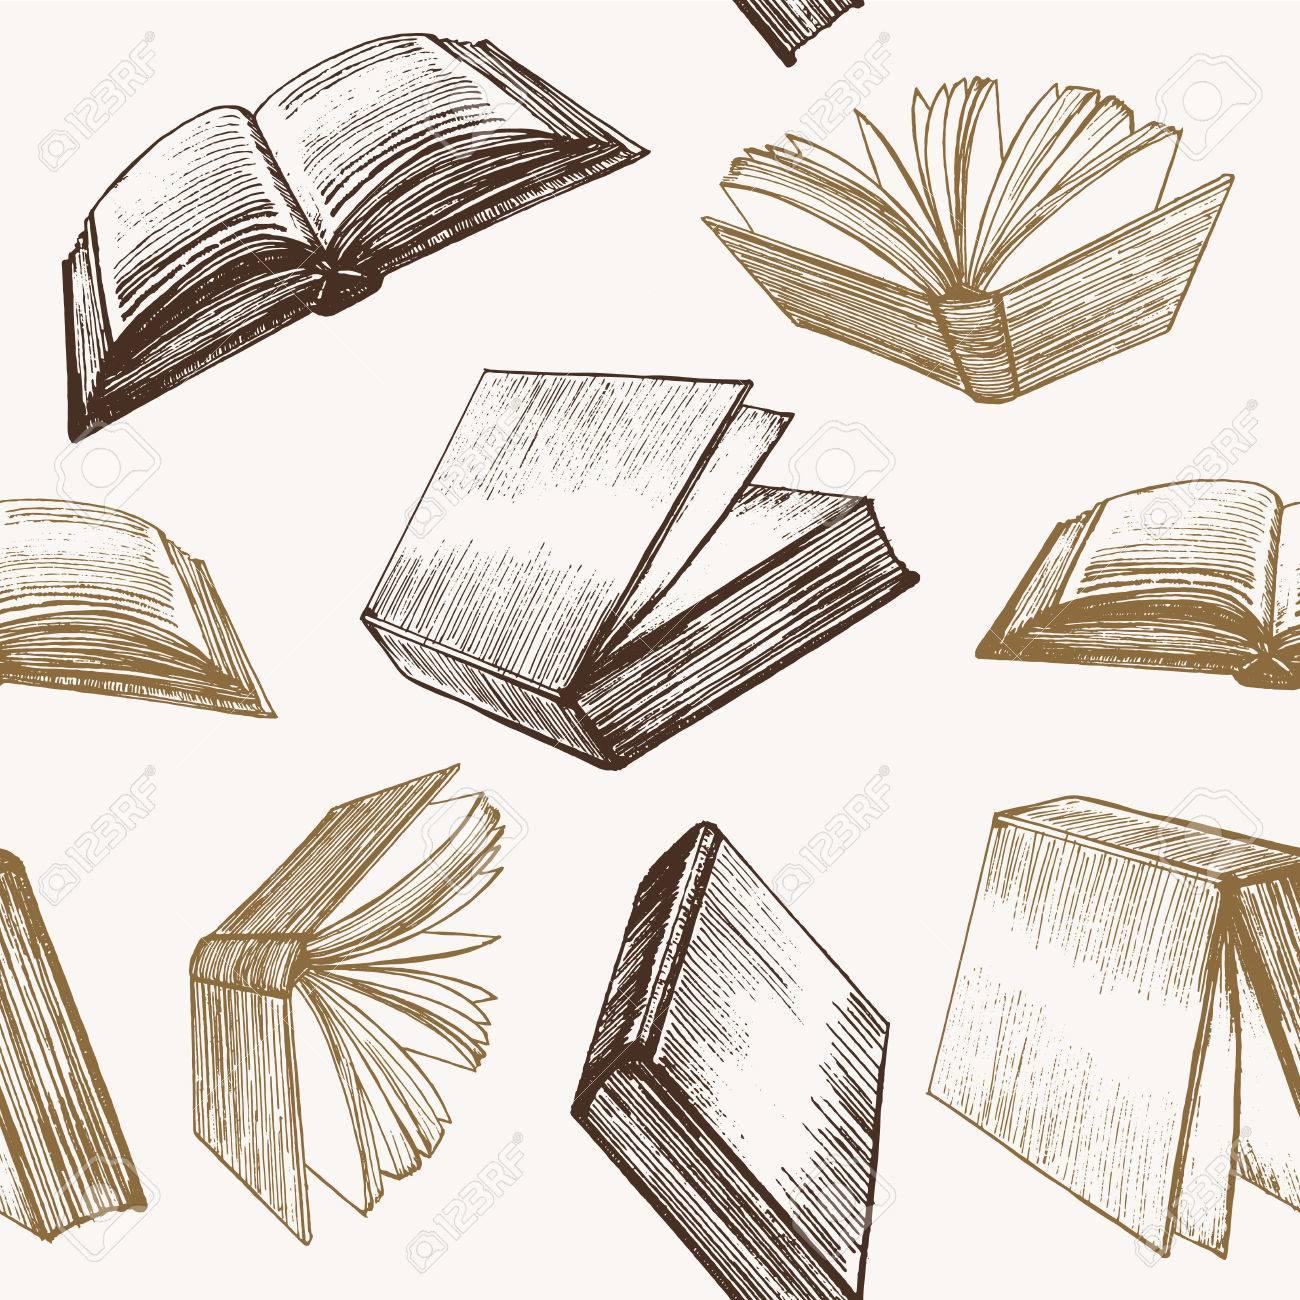 Motif De Fond De L Ebauche Du Dessin Du Livre Vecteur